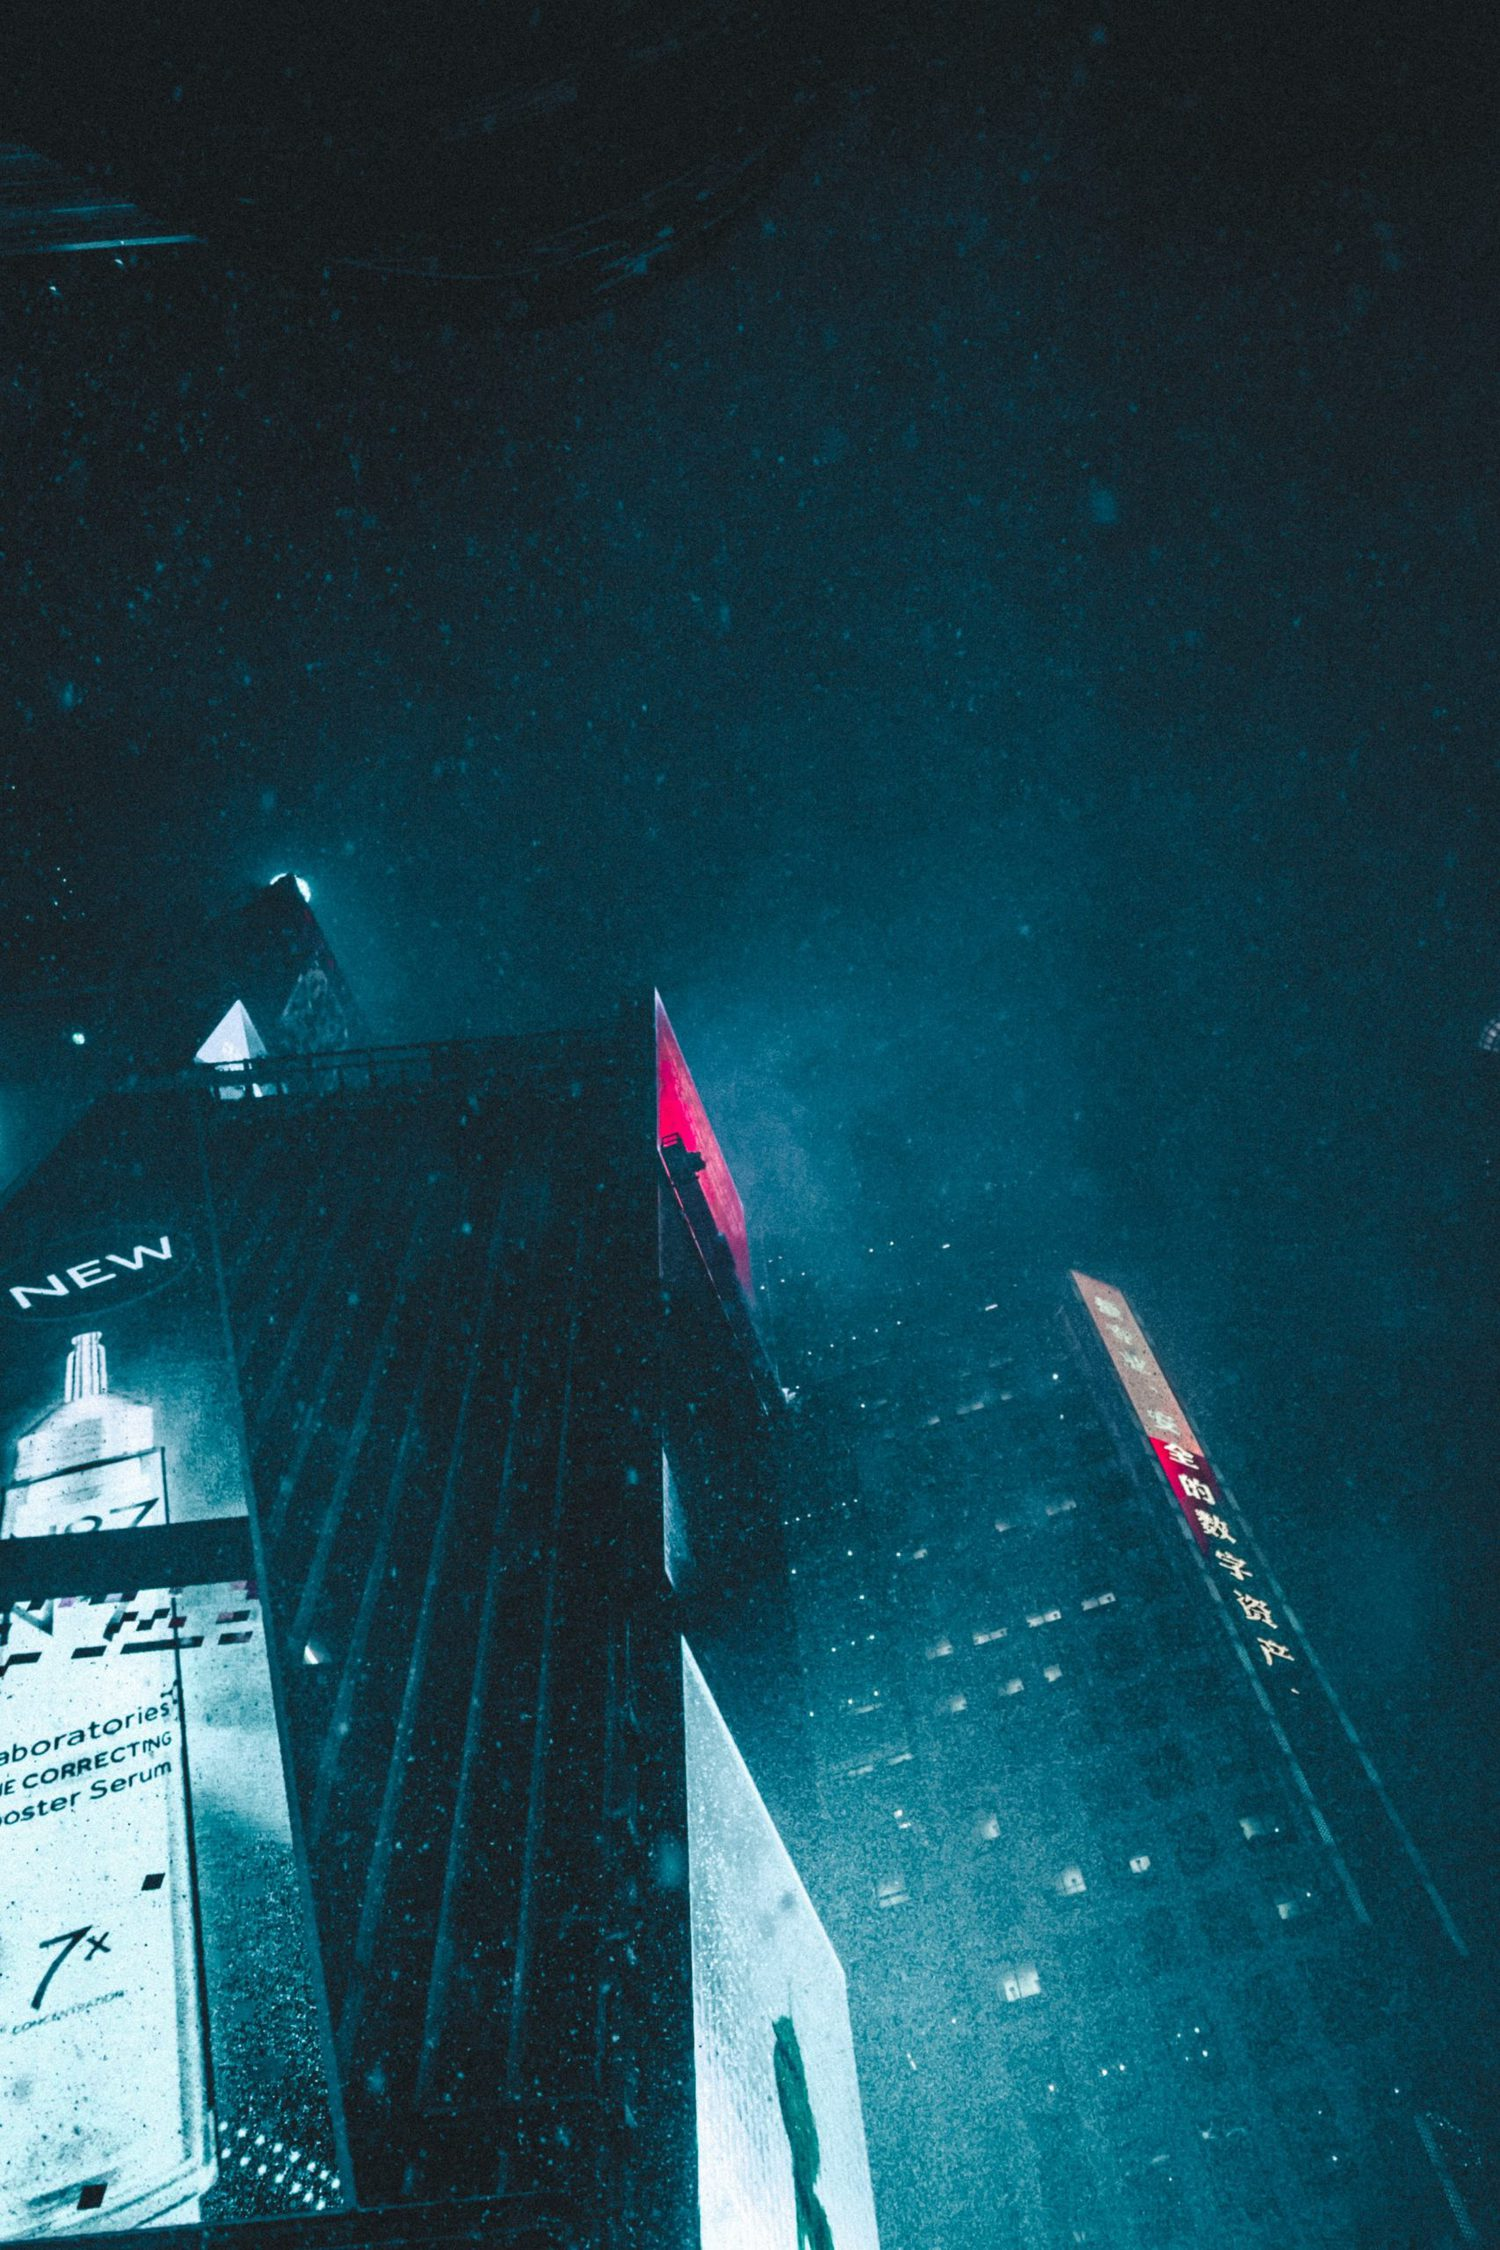 edificios de noche